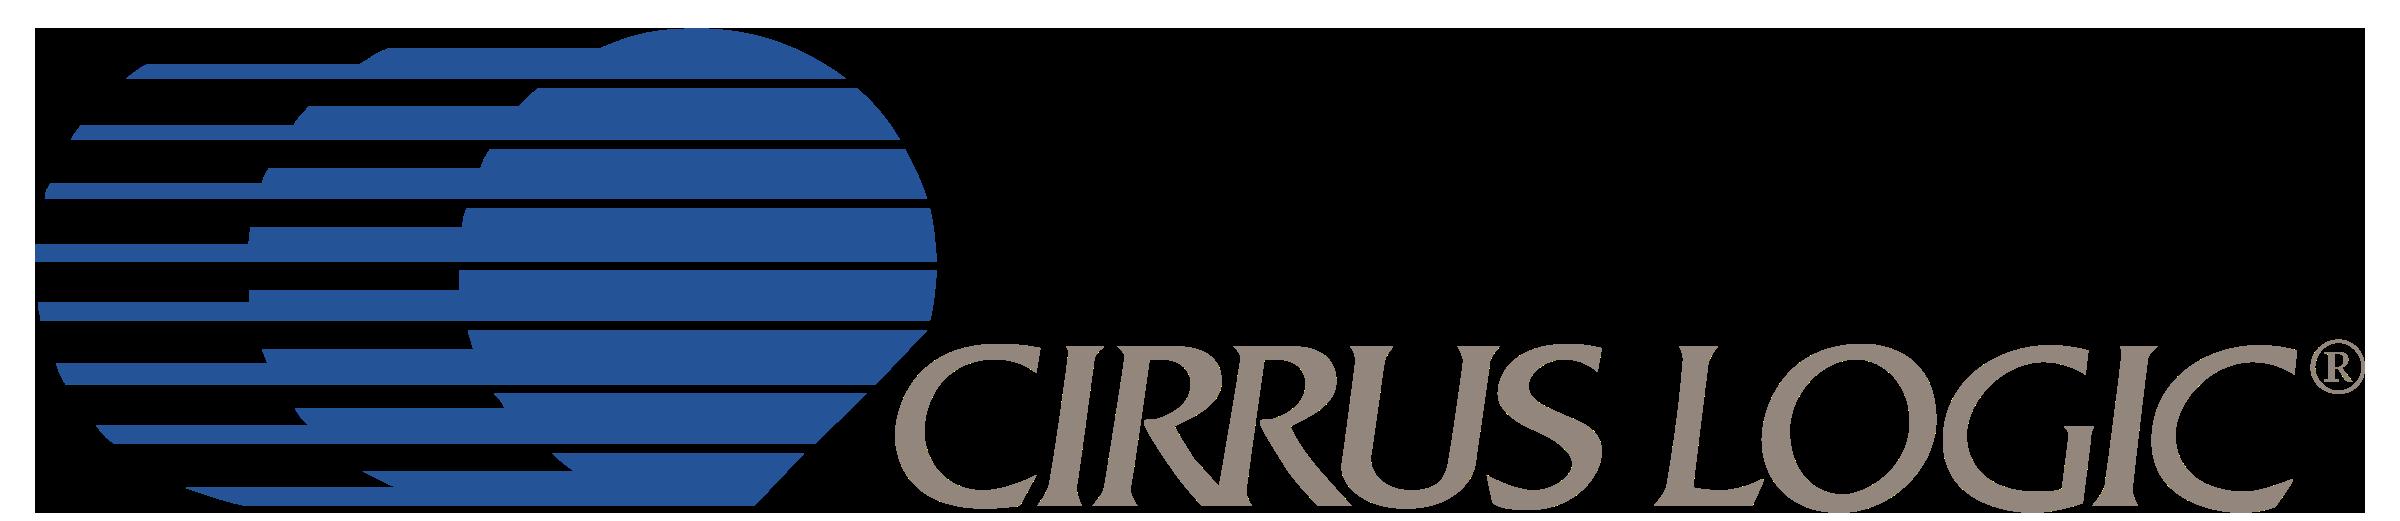 cirrus-logic-1-logo-png-transparent.png